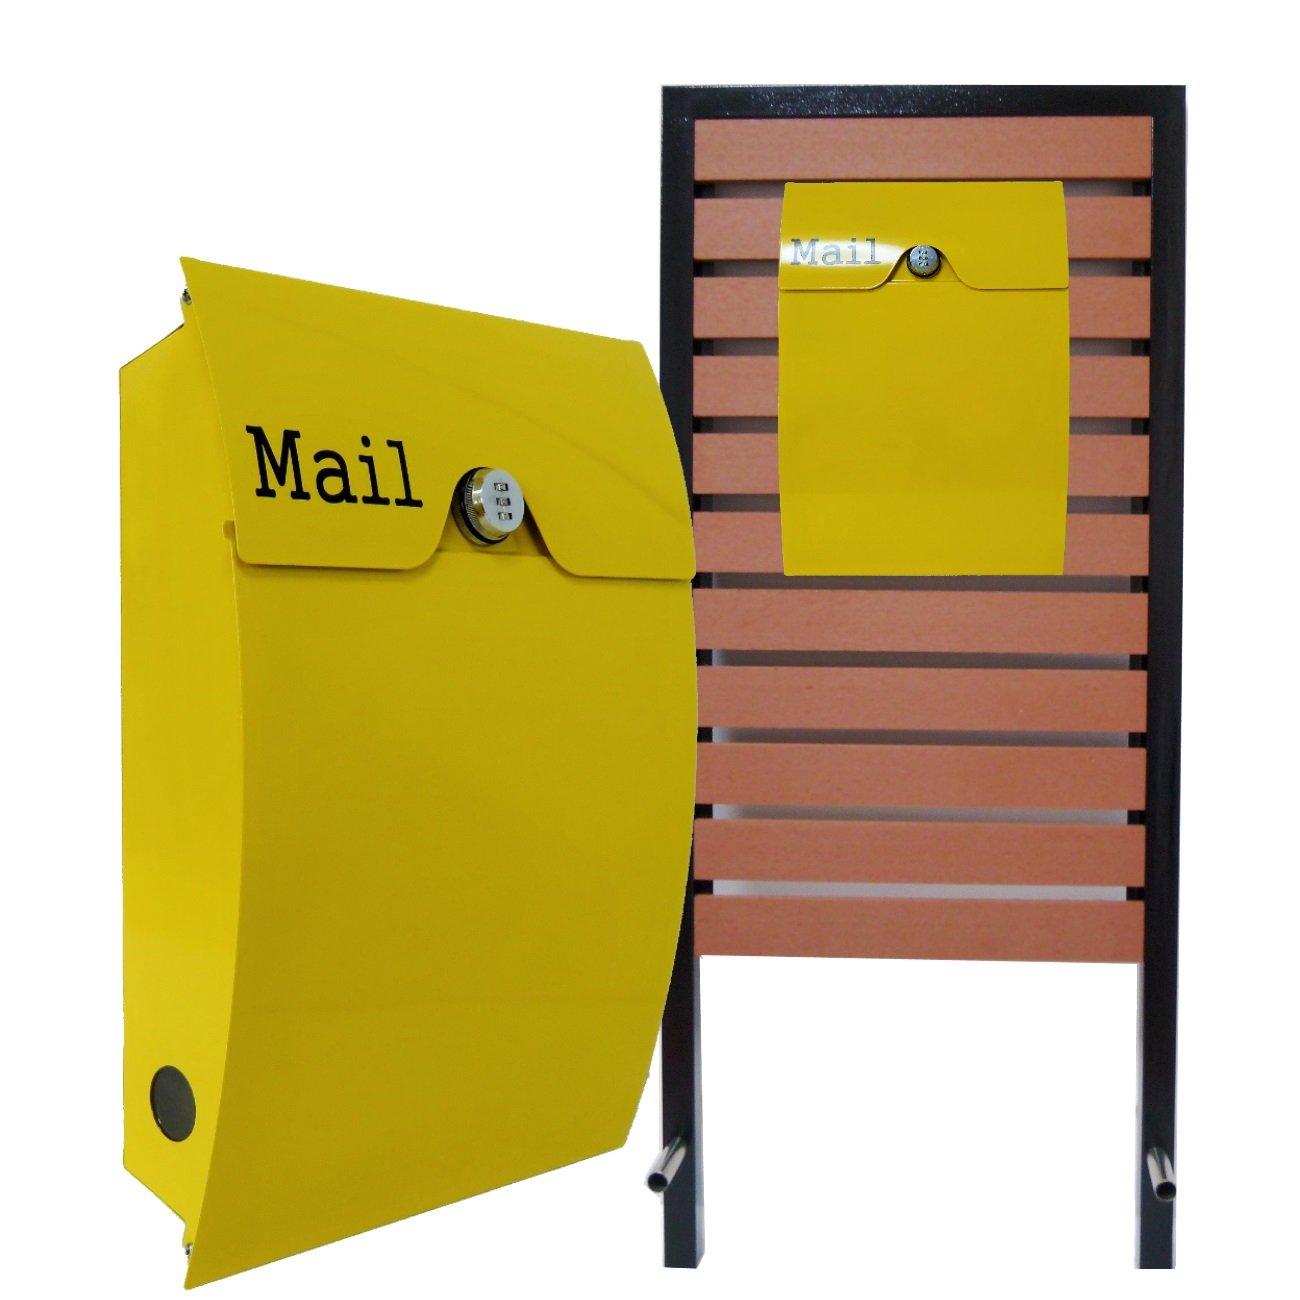 スタンド付郵便ポスト郵便受け壁掛けダイヤル錠鍵付黄色 pm18s-pm163 B072Z6GGJ3 25880